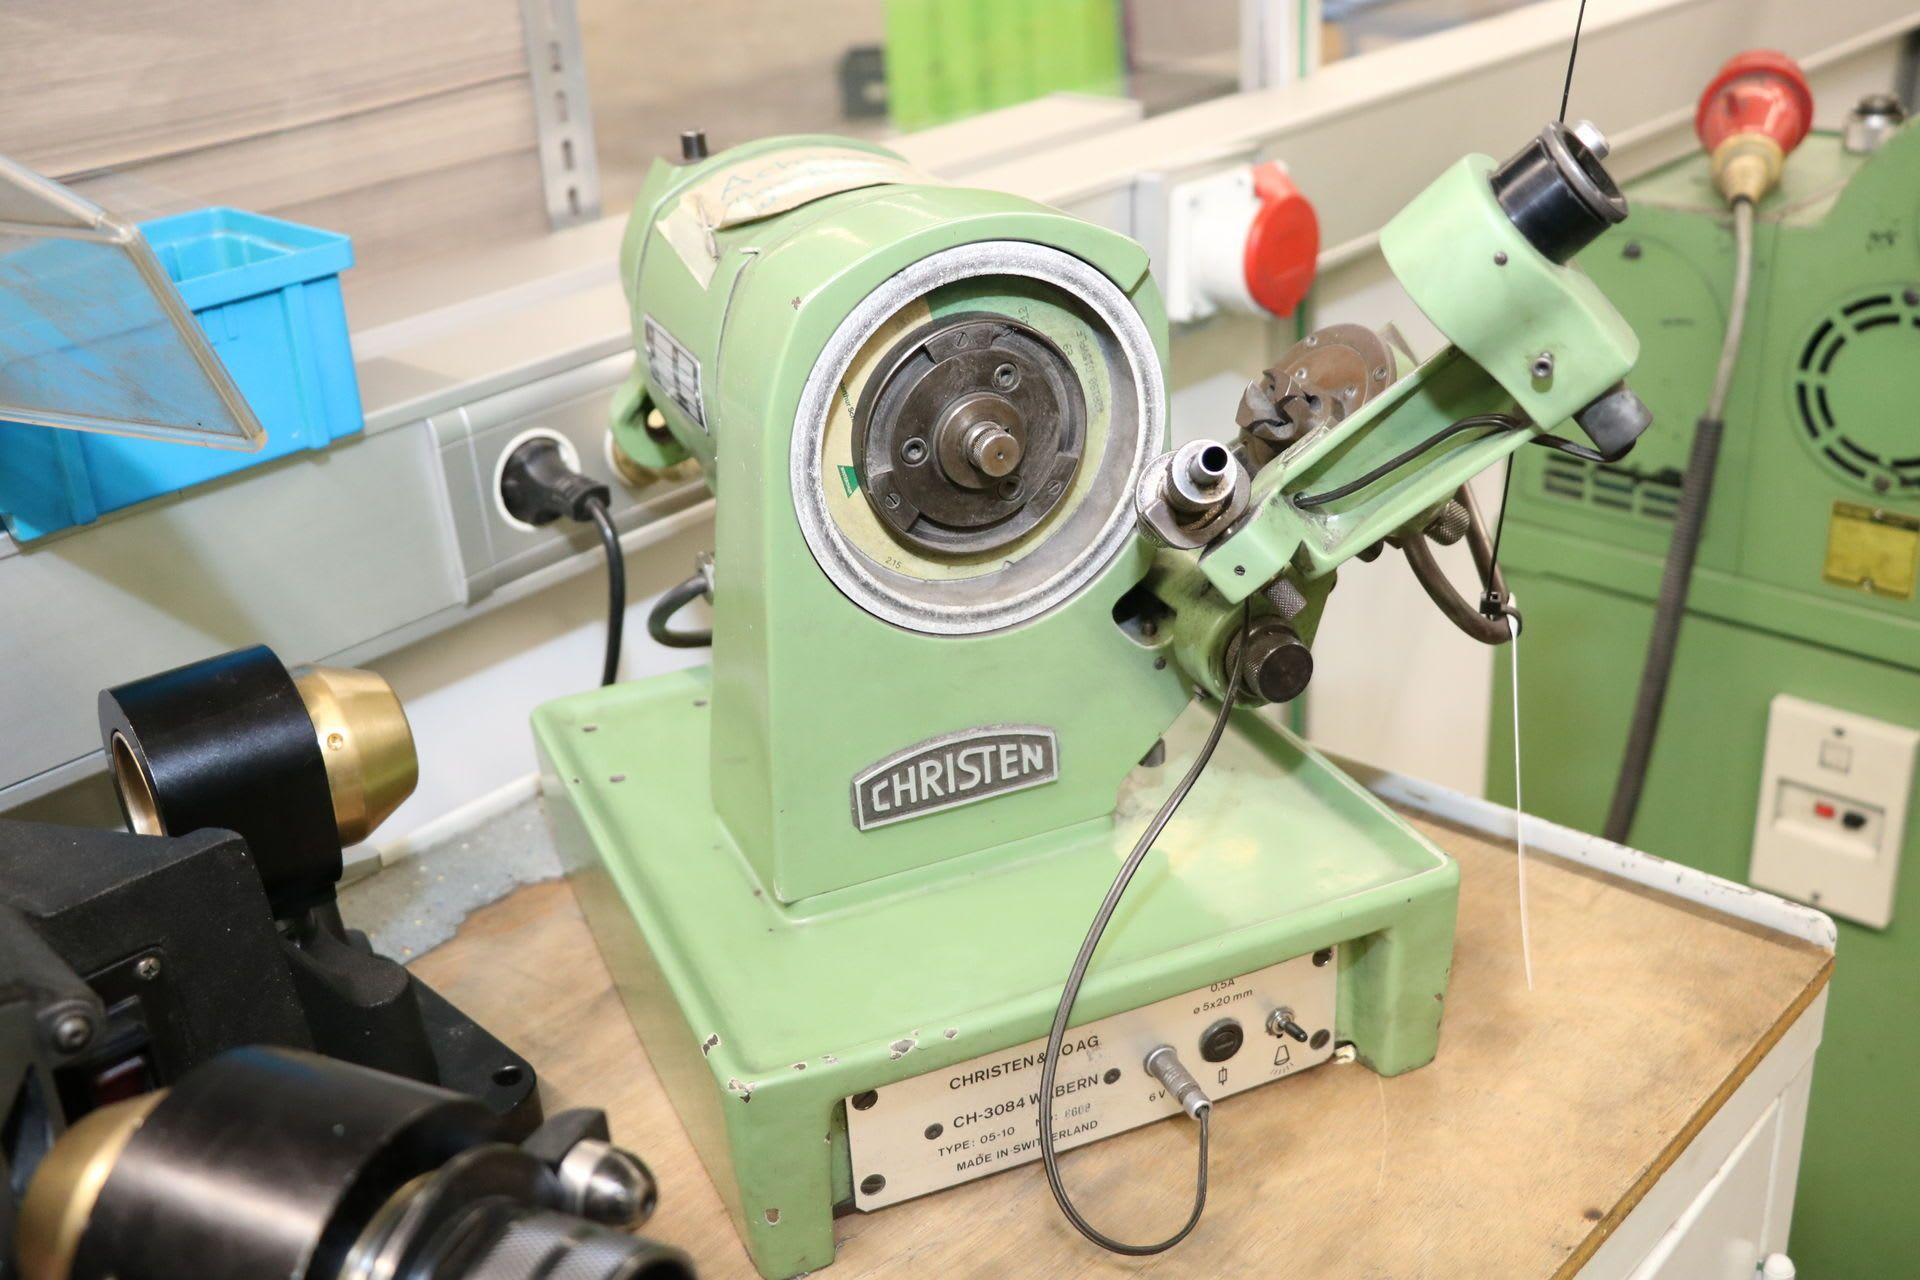 CHRISTEN 05-10 Spiralbohrer-Schleifmaschine